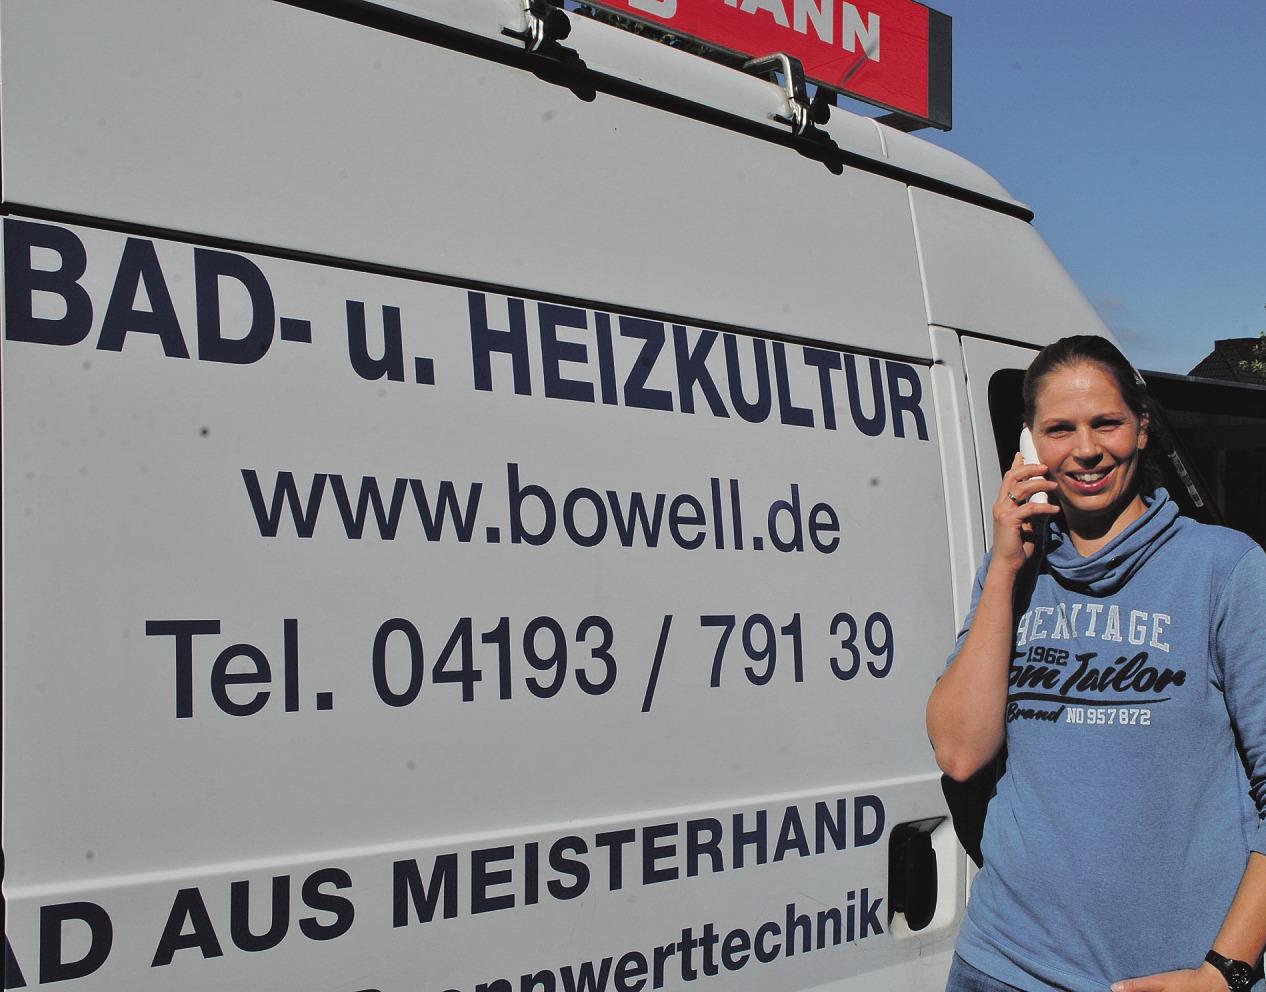 Tochter Vivien Möller-Bowell arbeitet weiterhin im Team mit. Foto: Jordan